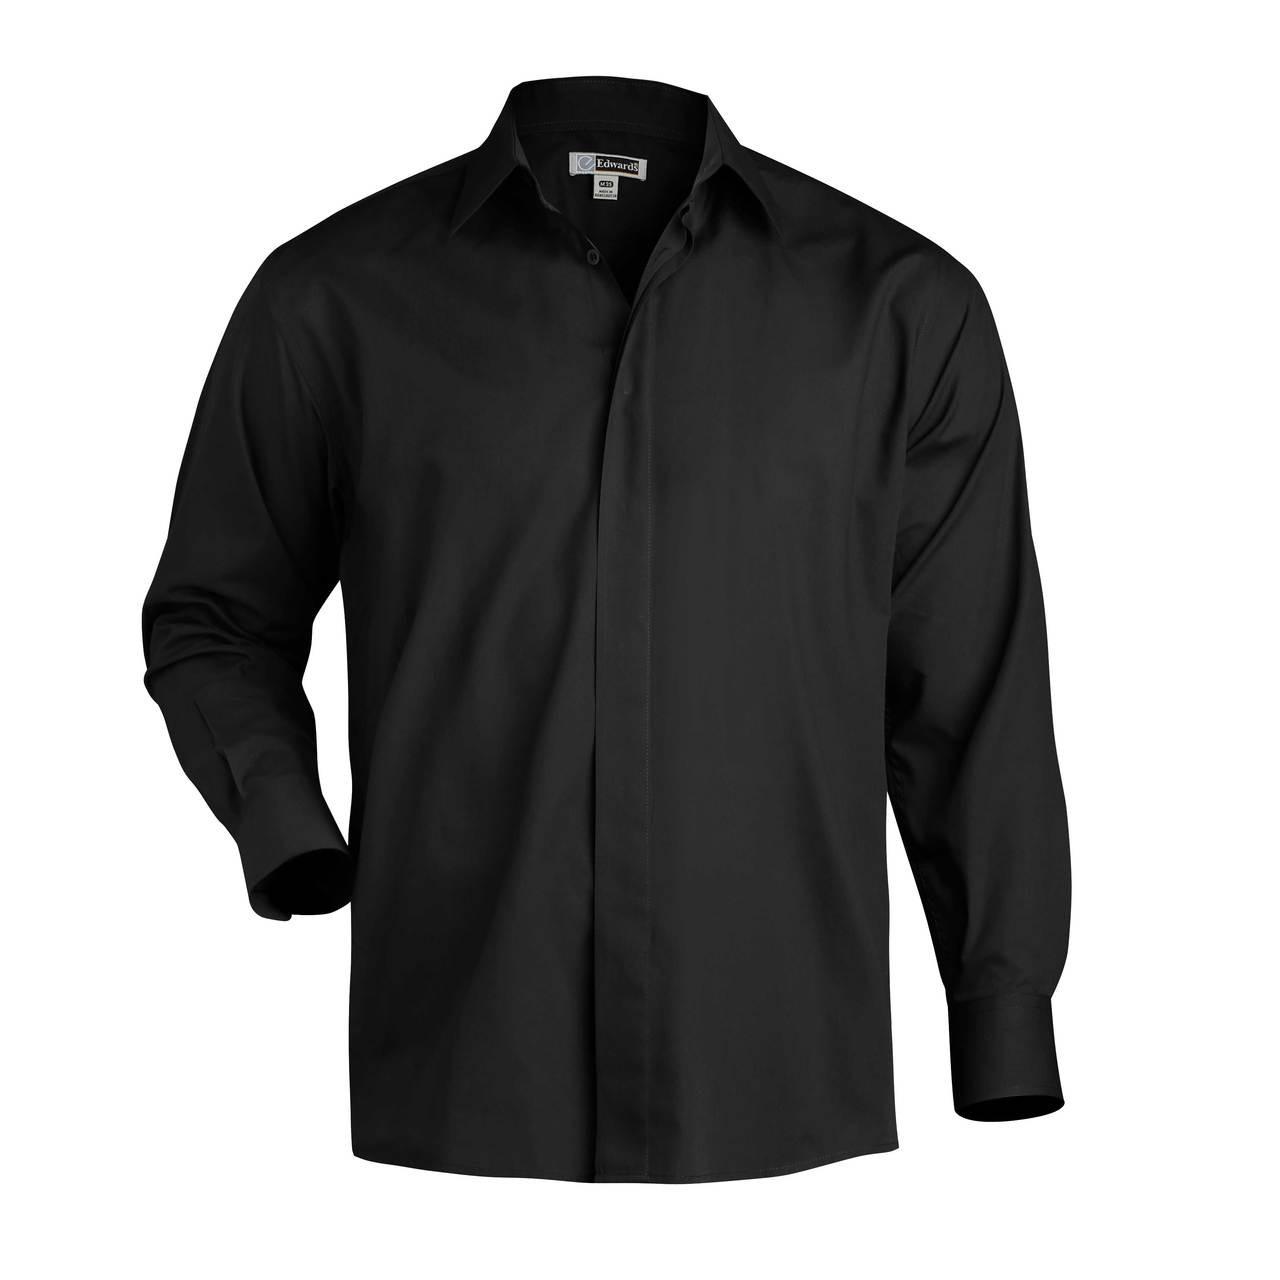 Easy Care Server Shirt - Black